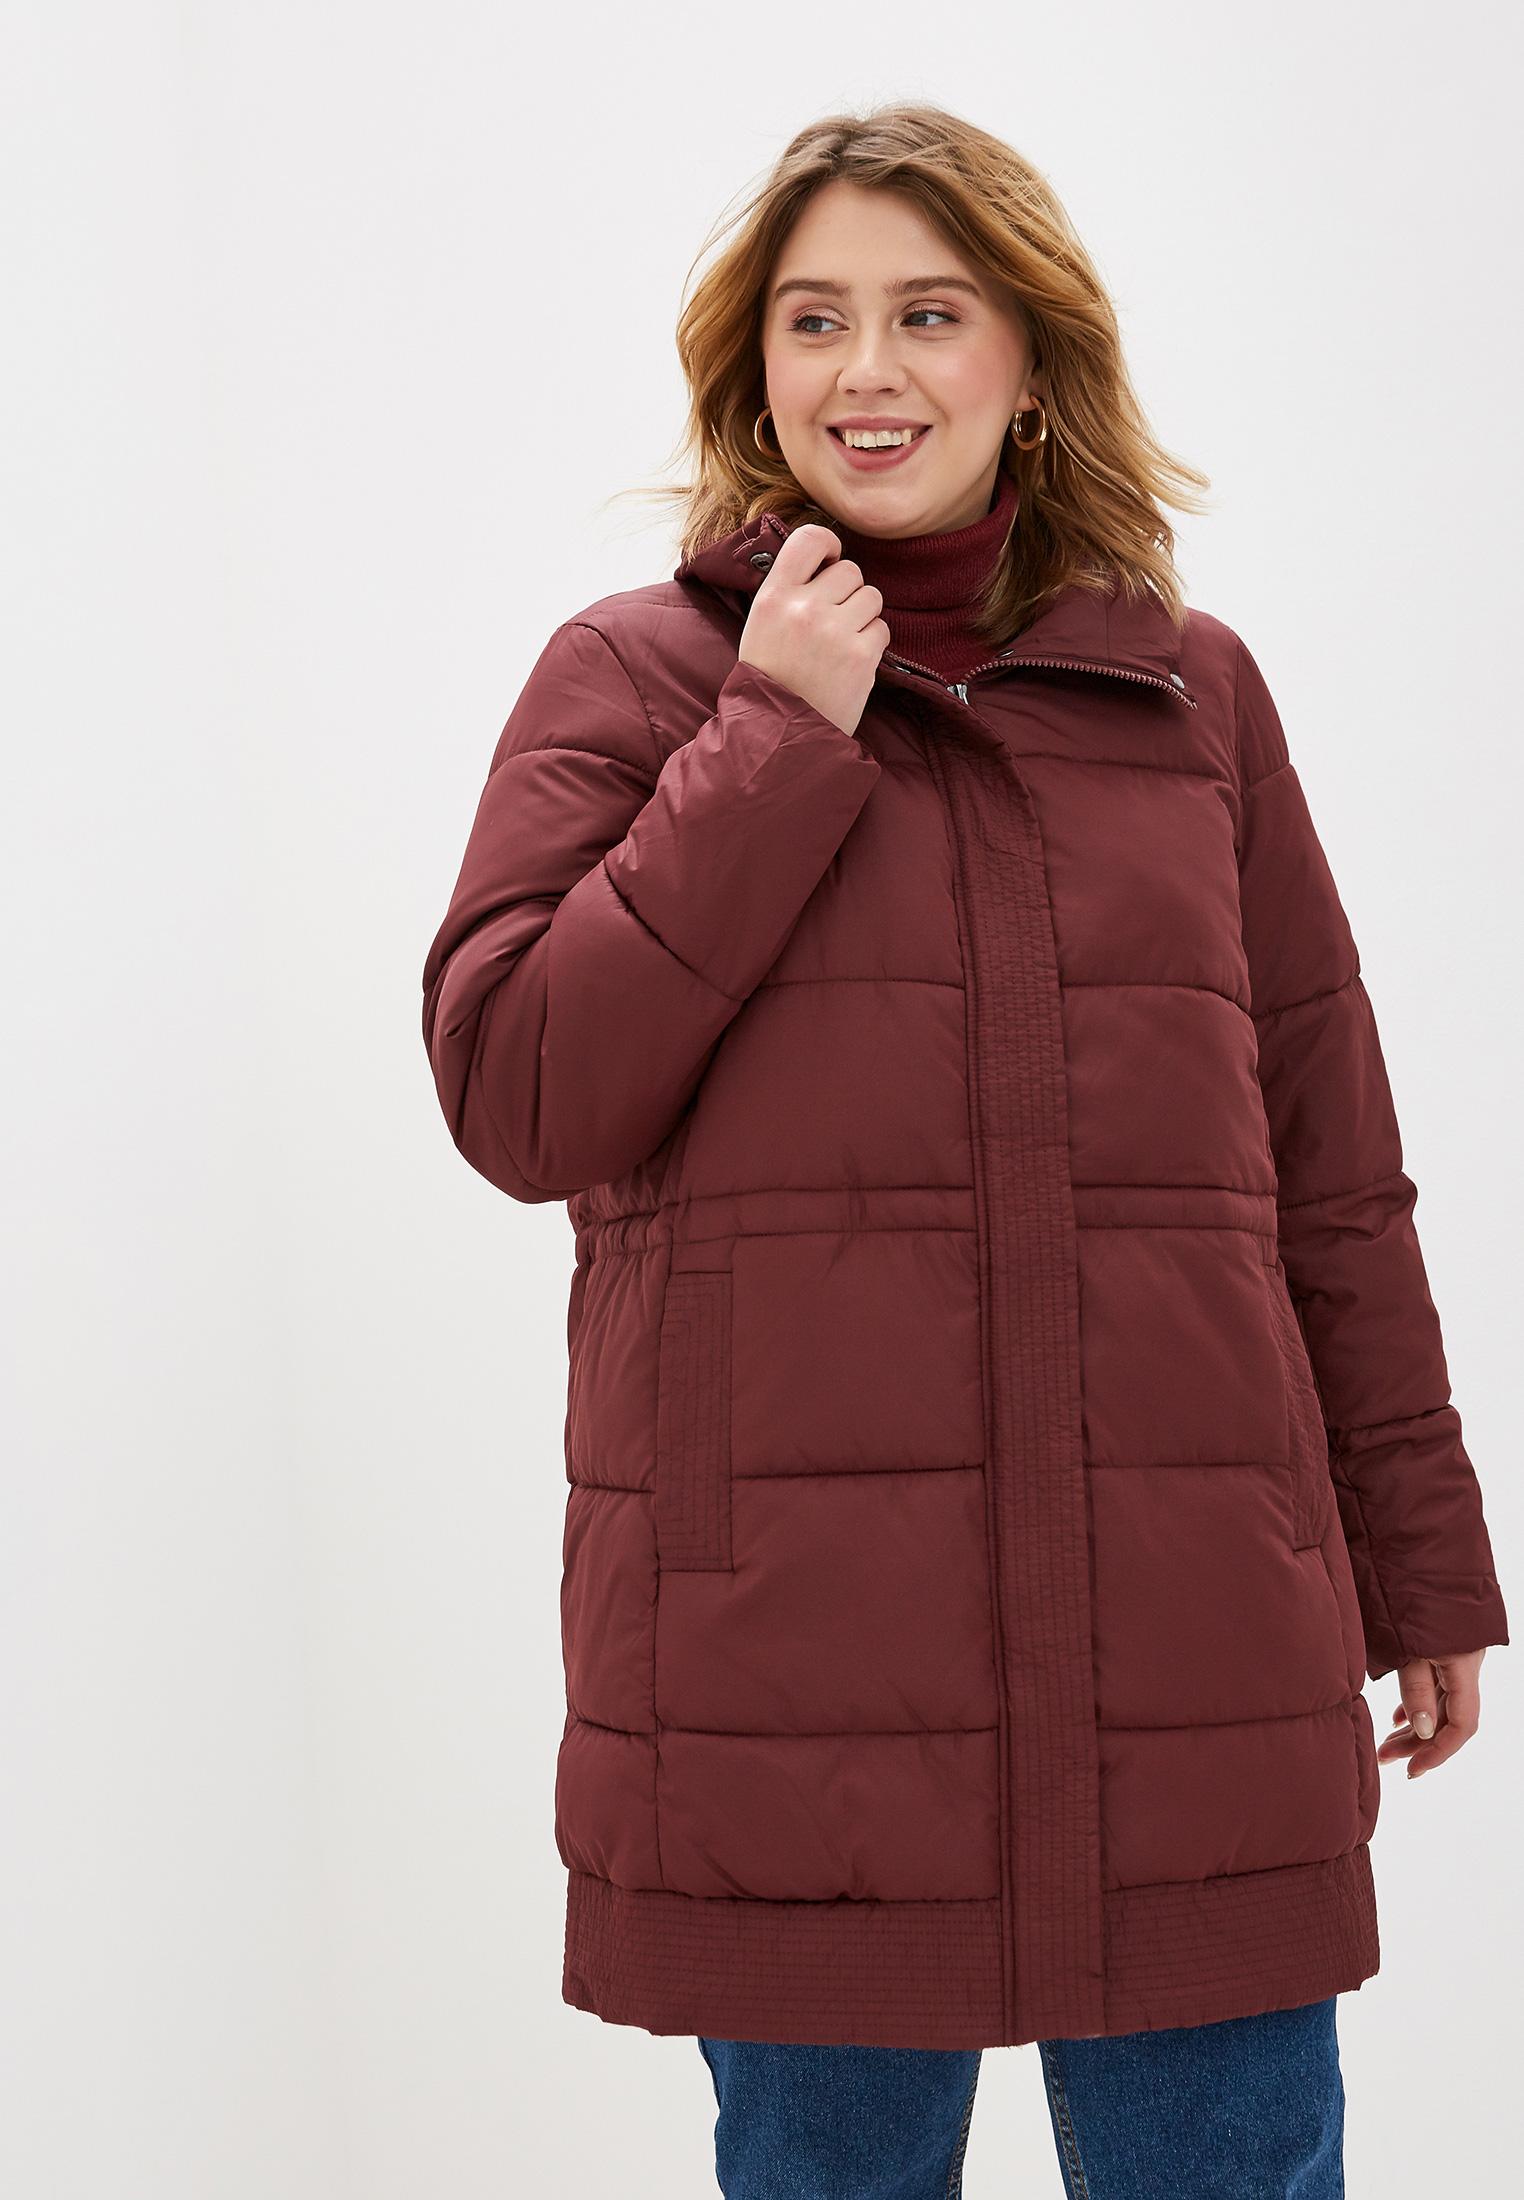 Куртка утепленная, Zizzi, цвет: бордовый. Артикул: ZI007EWFVOK7. Одежда / Верхняя одежда